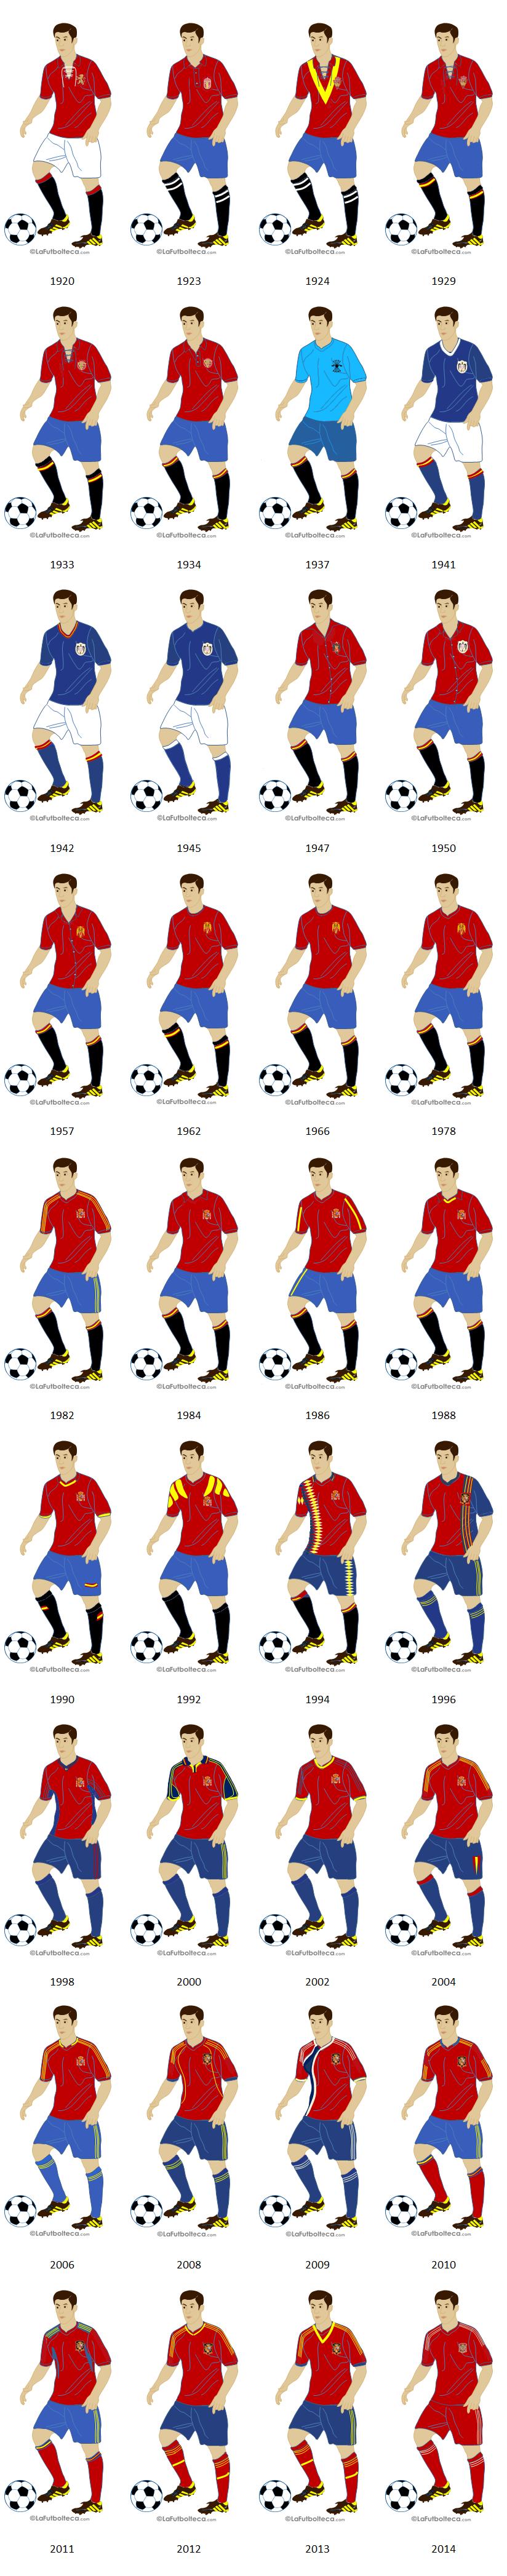 uniformes Seleccion Espanola Futbol